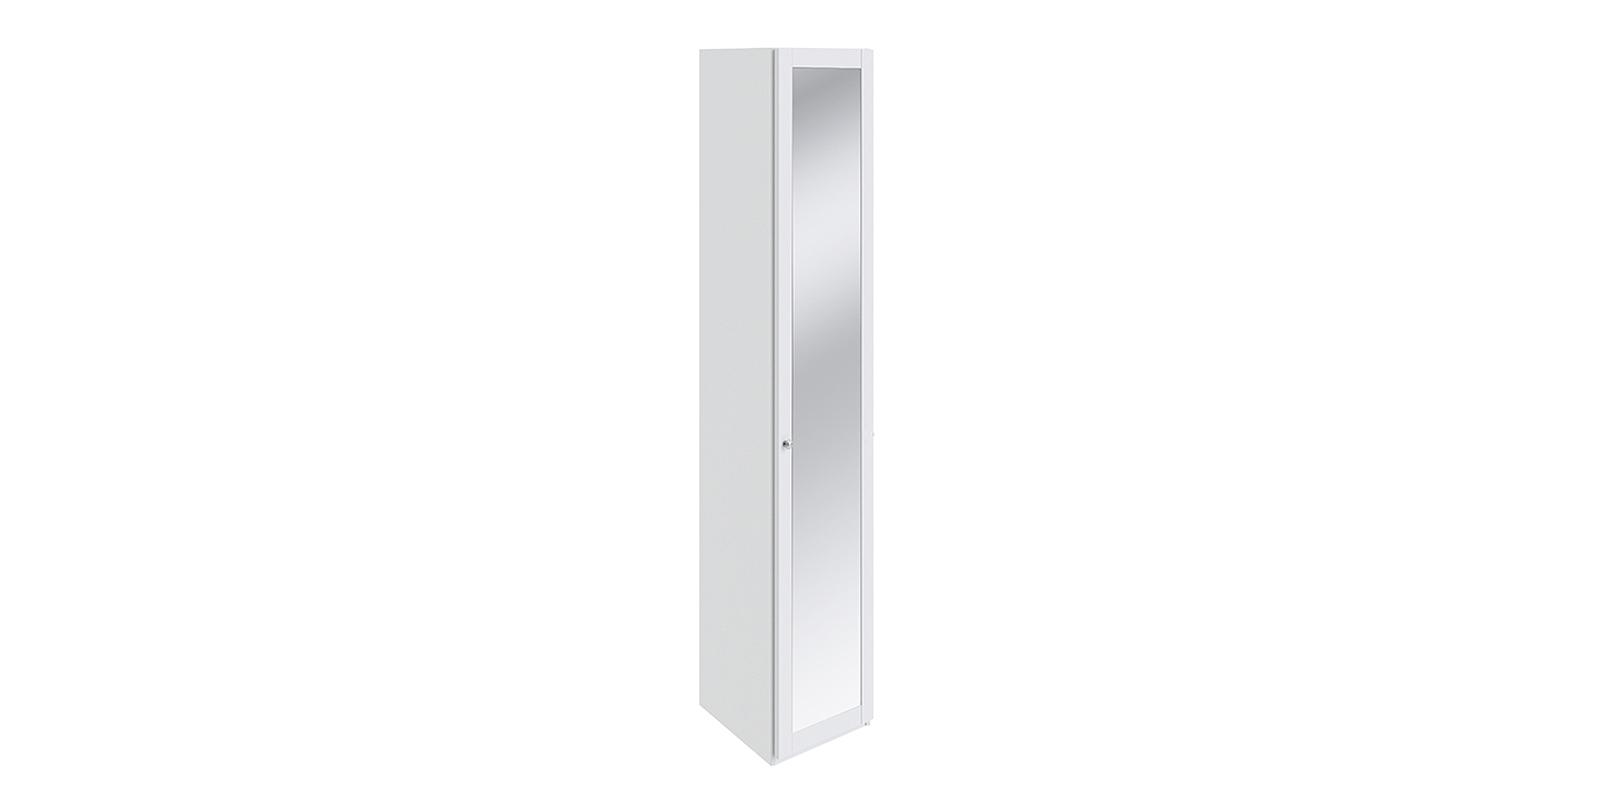 Шкаф распашной однодверный Мерида вариант №6 торцевой (белый/зеркало) Мерида